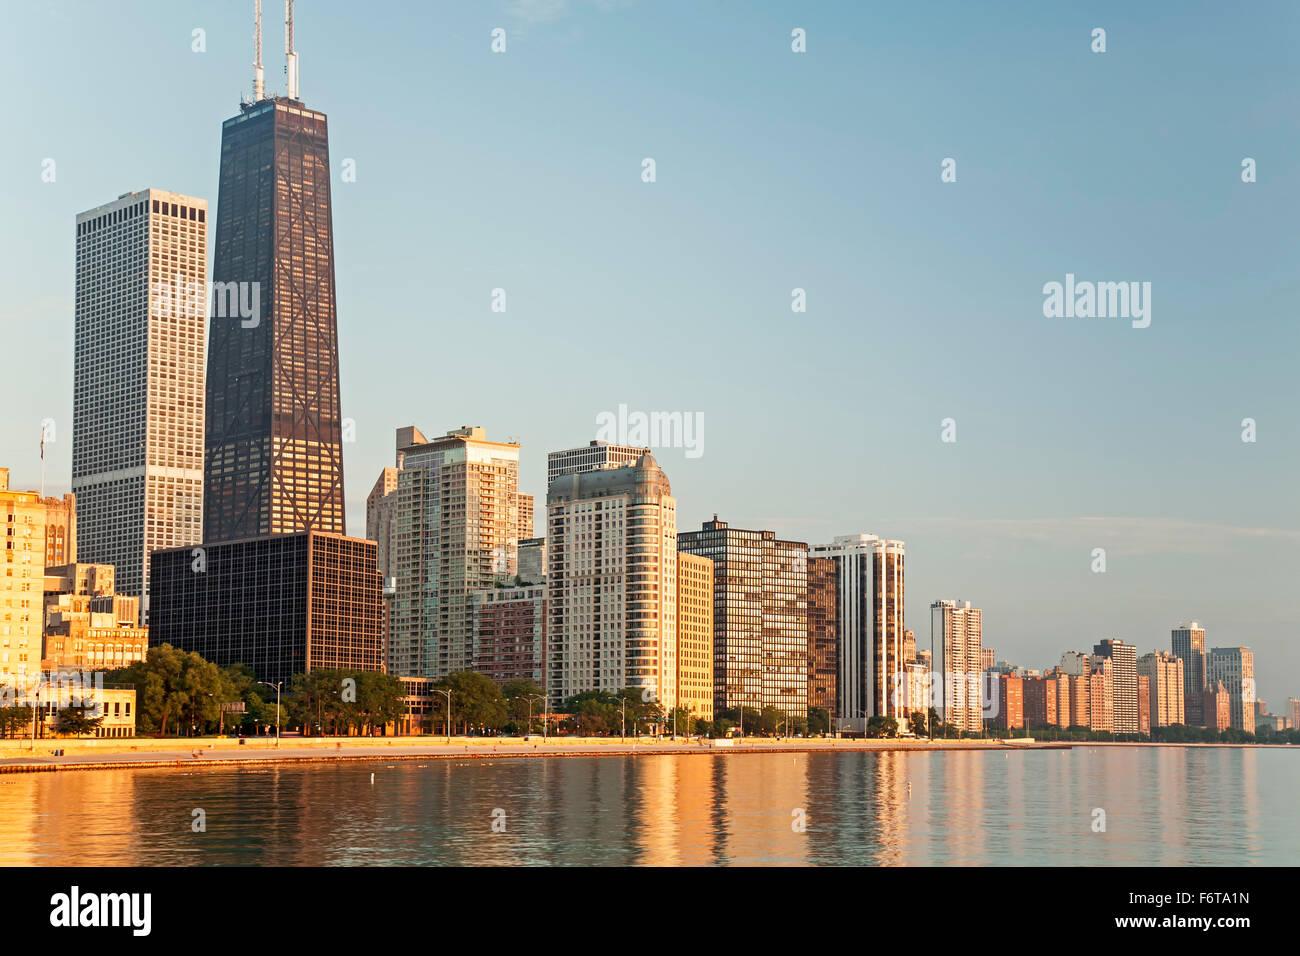 875 N. Michigan Avenue, die früher als Hancock Tower Center (höchste), Skyline und den Lake Michigan, Stockbild